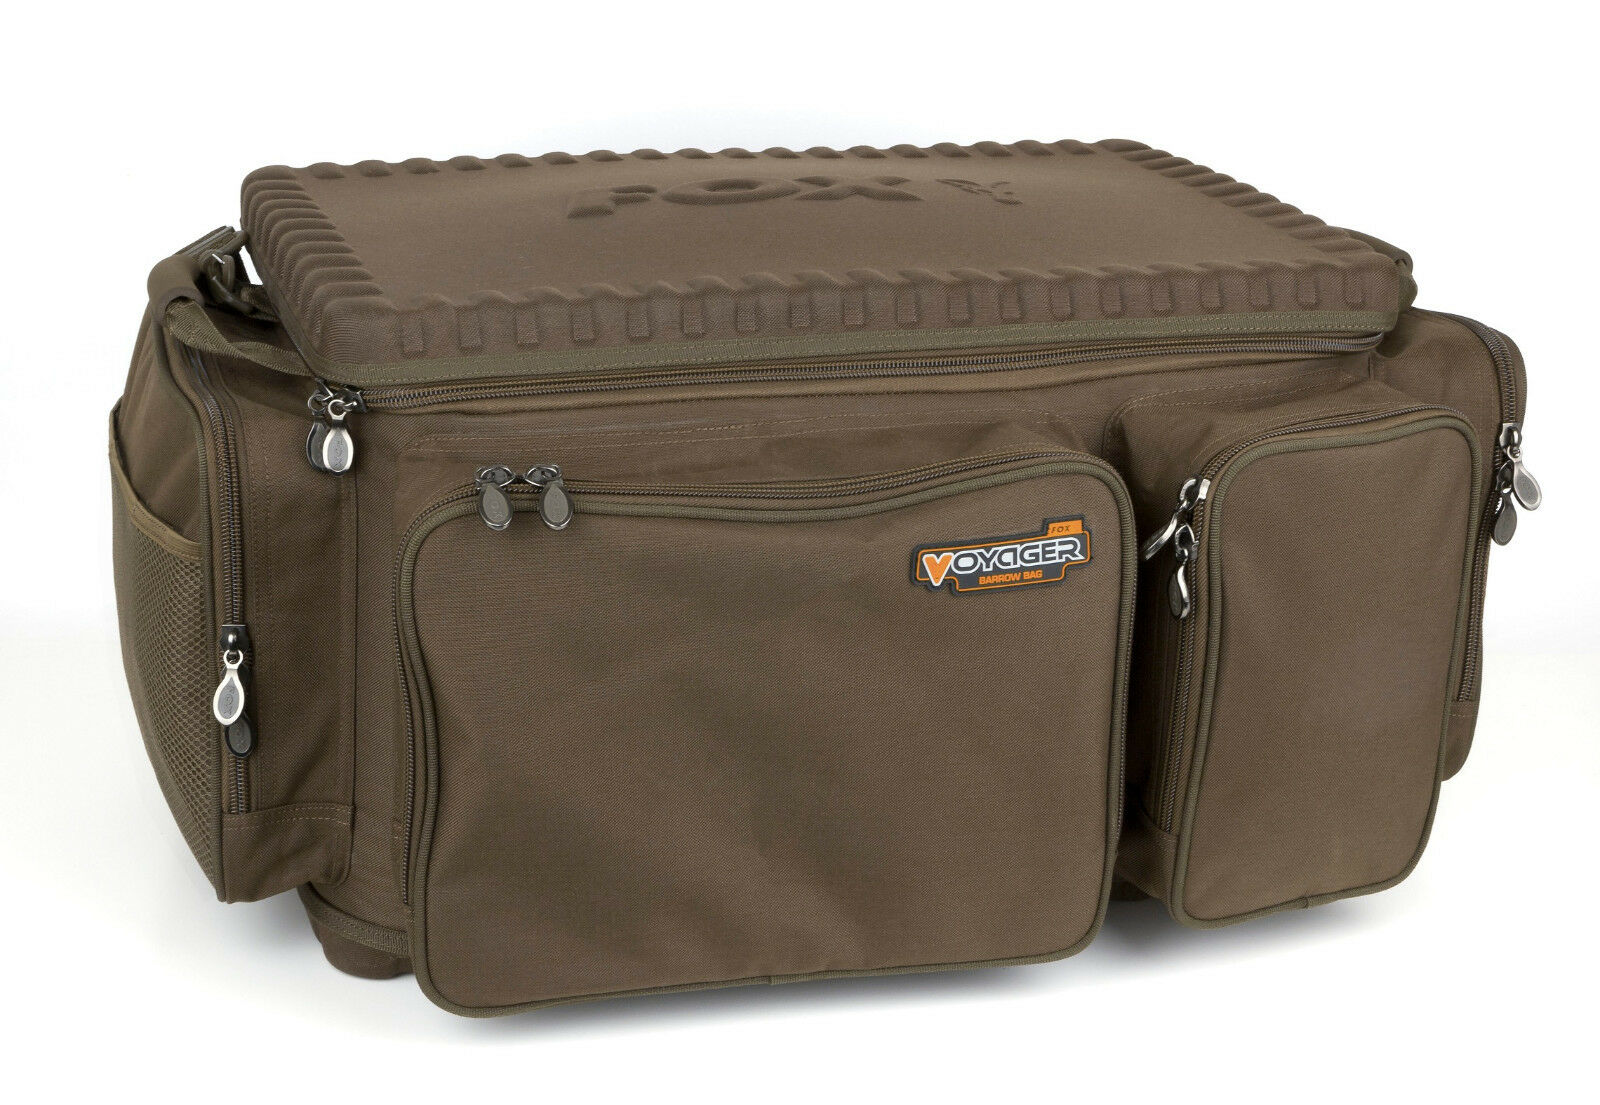 Fox Voyager Barrow Bag CLU338 Trolleytasche Barrowbag Tasche Angeltasche